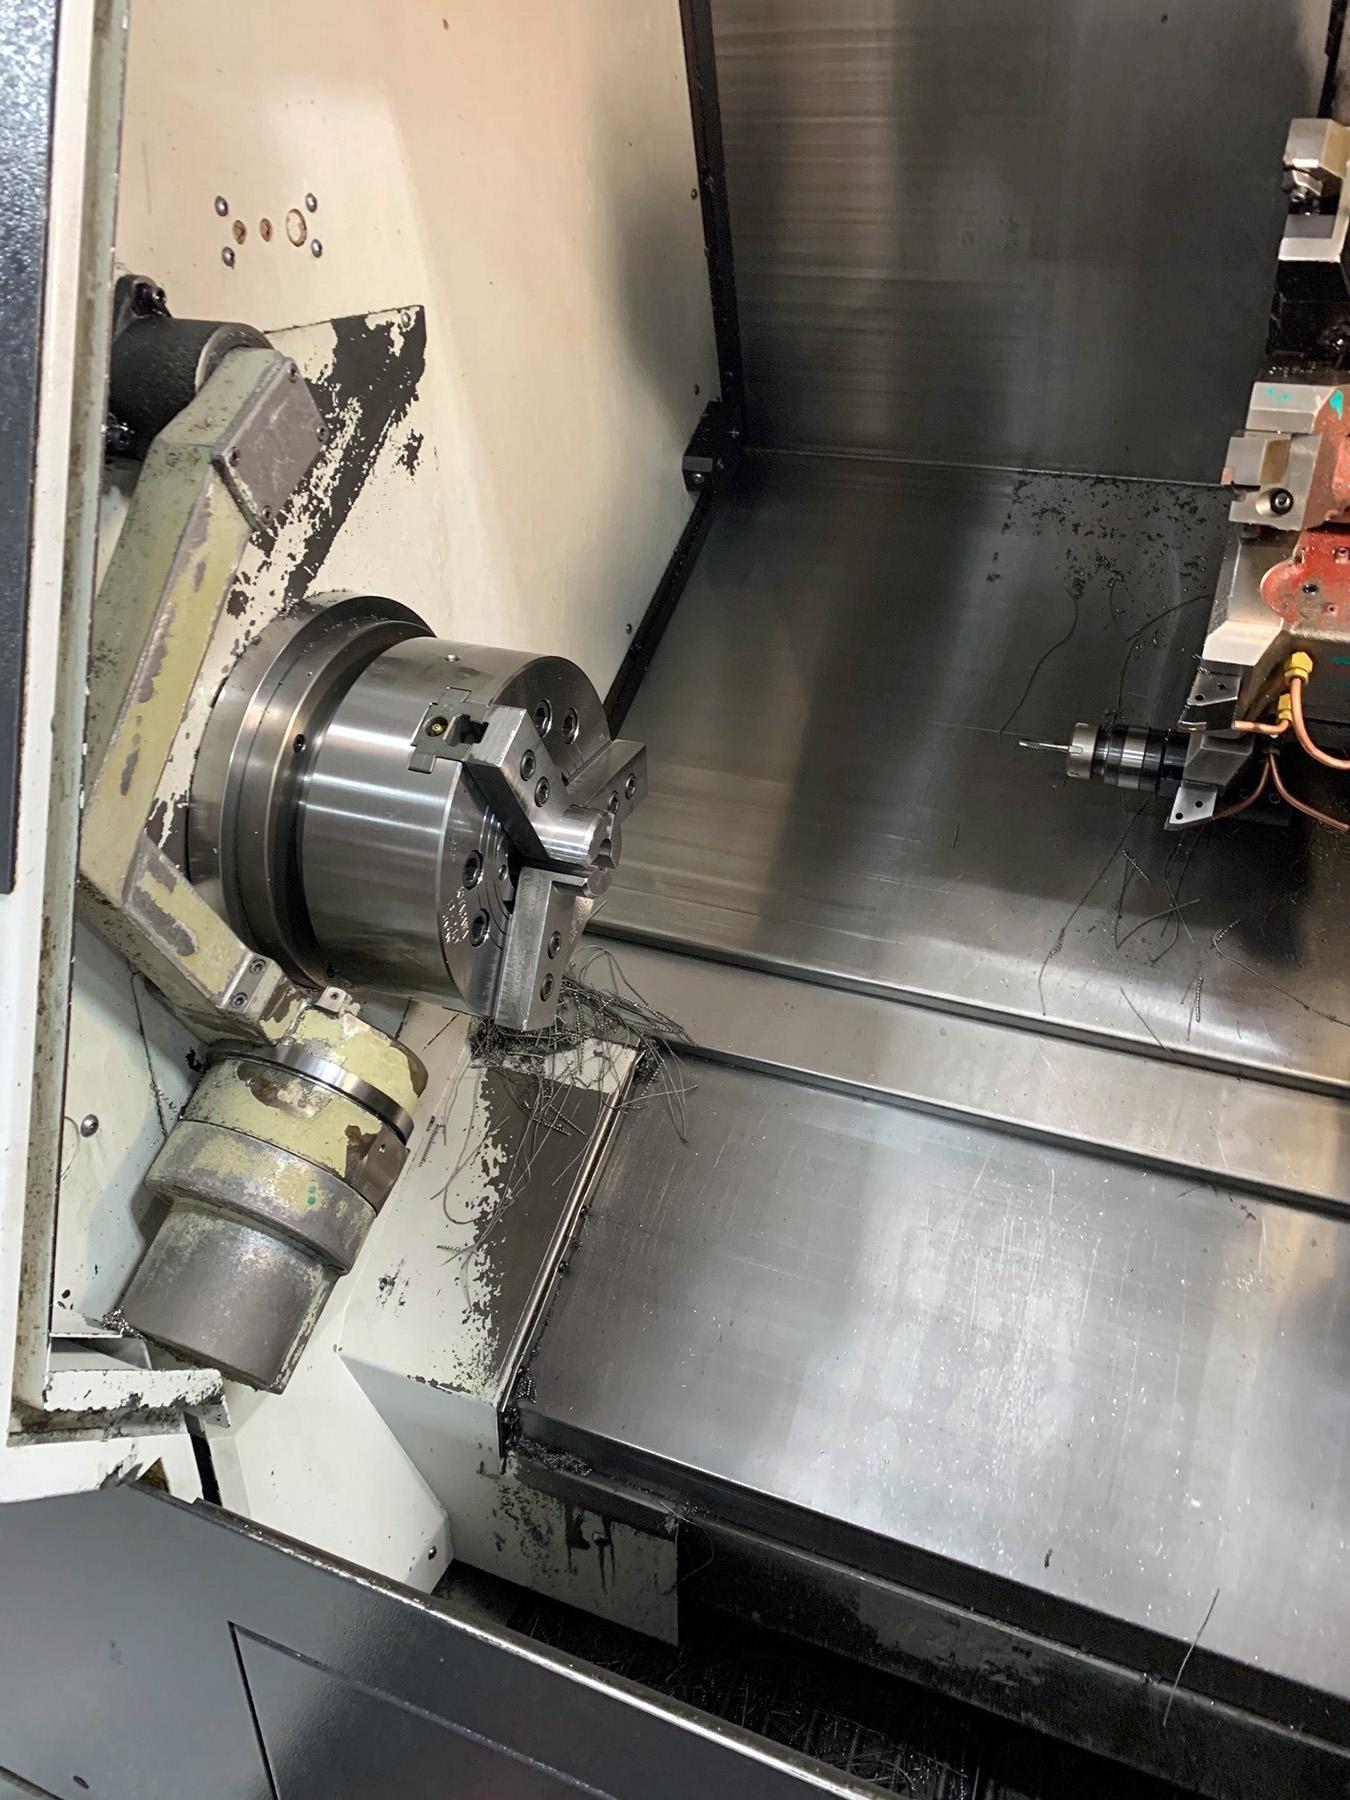 USED, MAZAK QTN 250 MS CNC LATHE